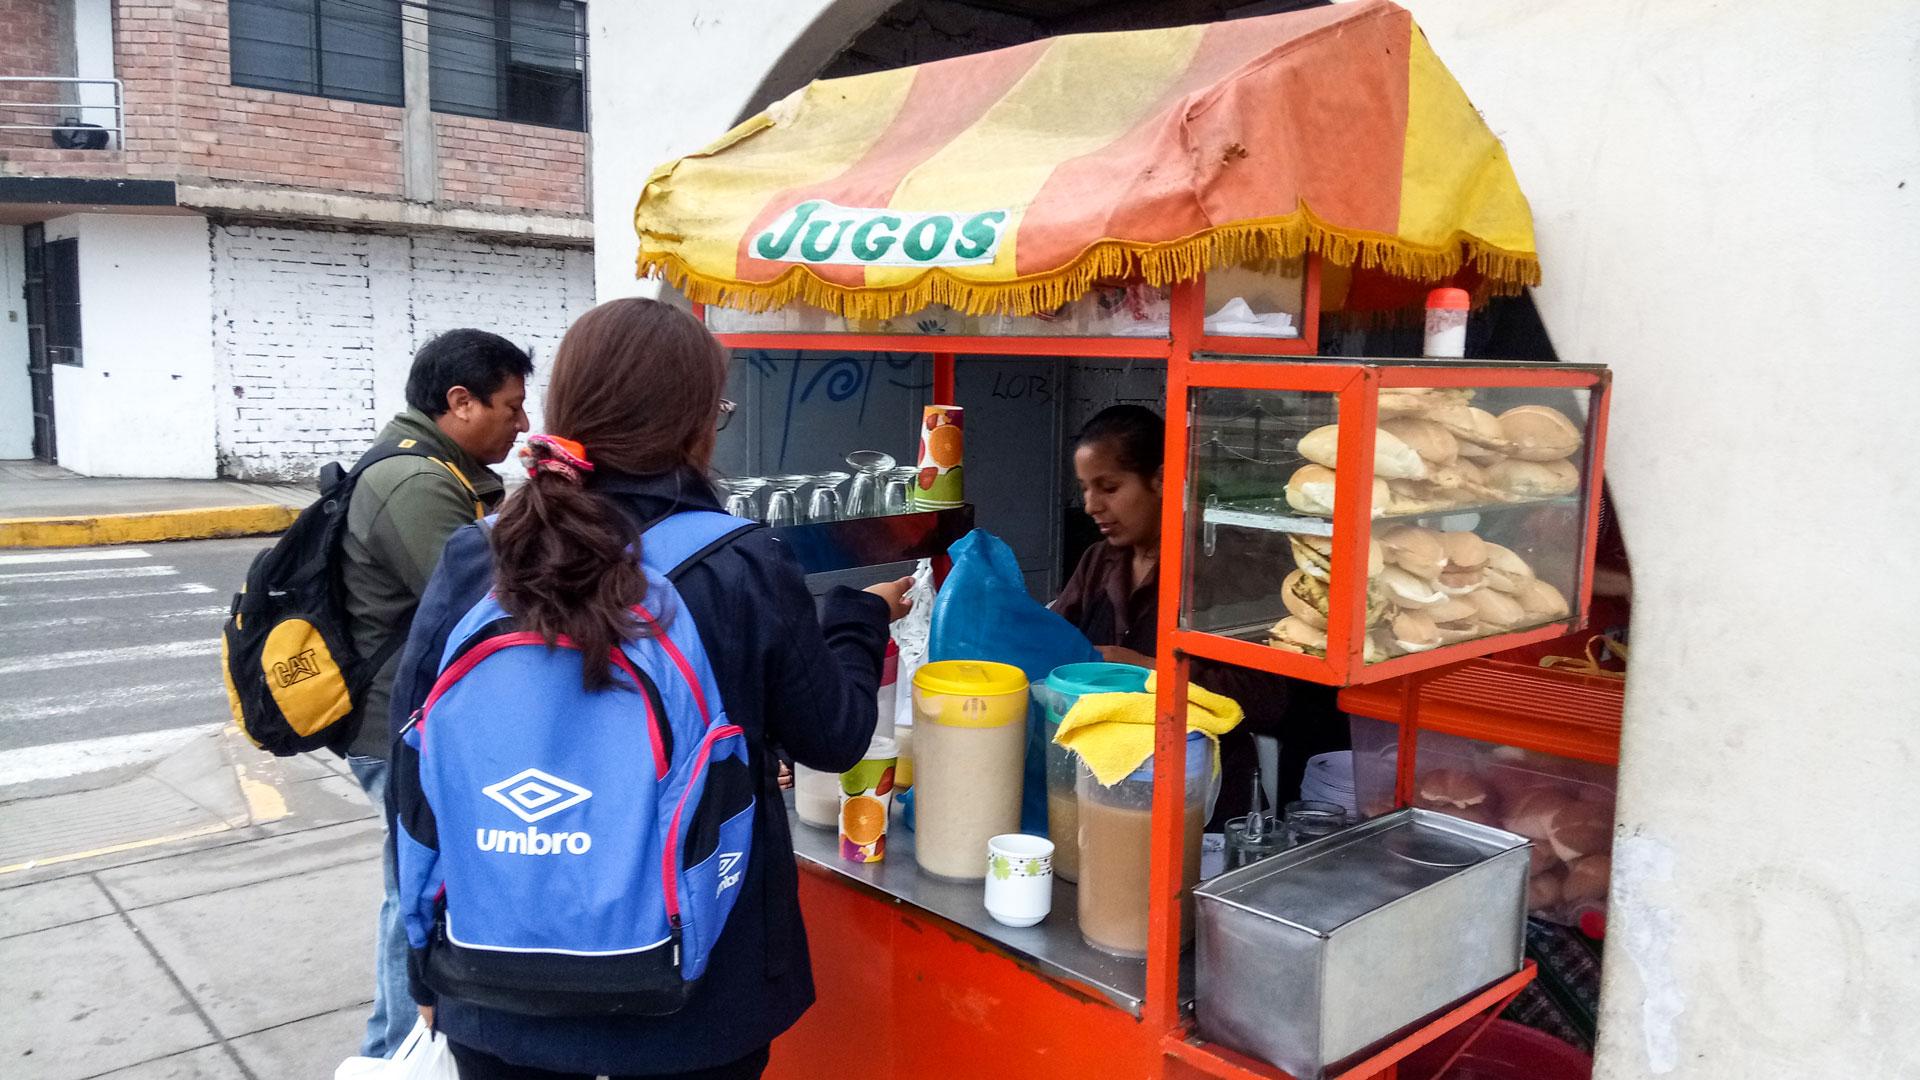 Уличная еда в столице Перу. Завтрак глазами местного.